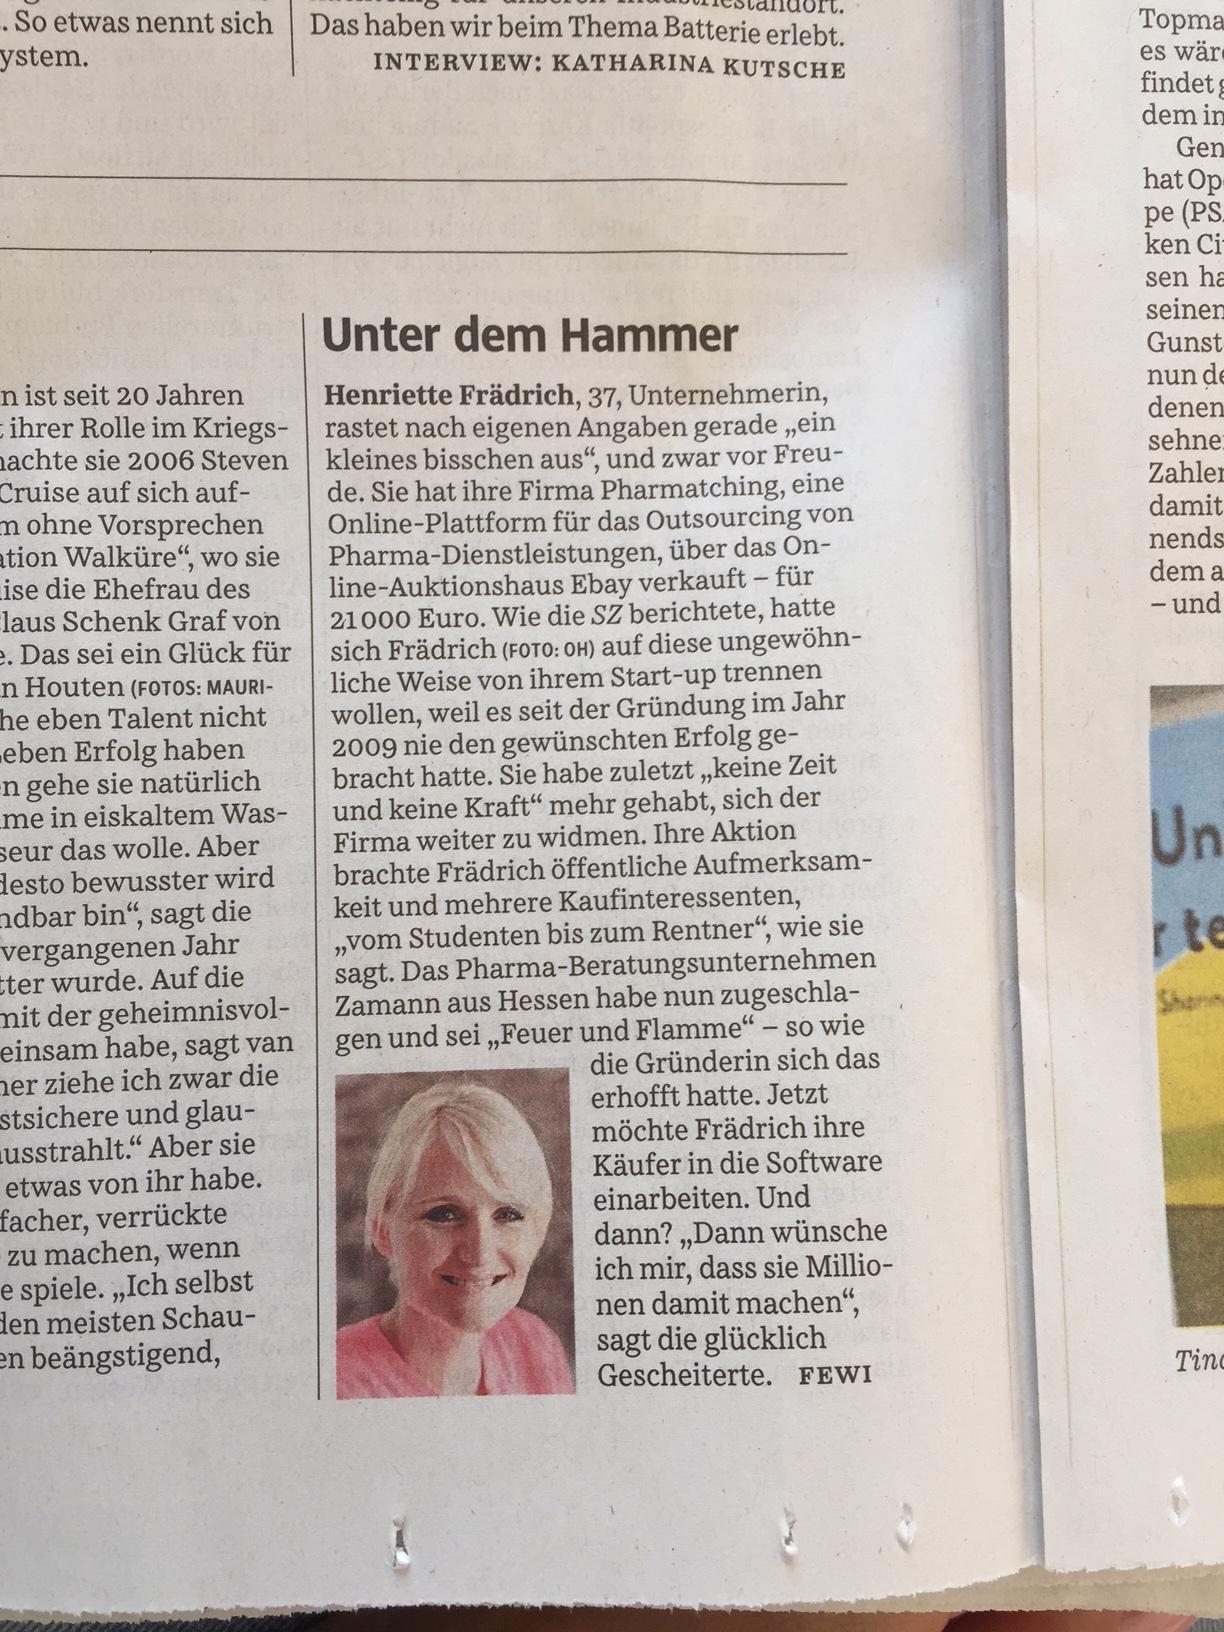 Henriette Frädrich Süddeutsche